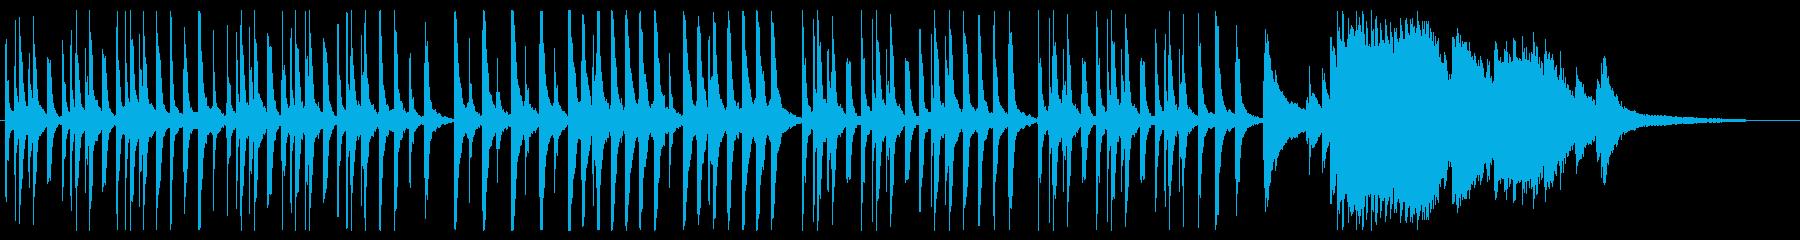 綺麗で弾むピアノメロディーの再生済みの波形